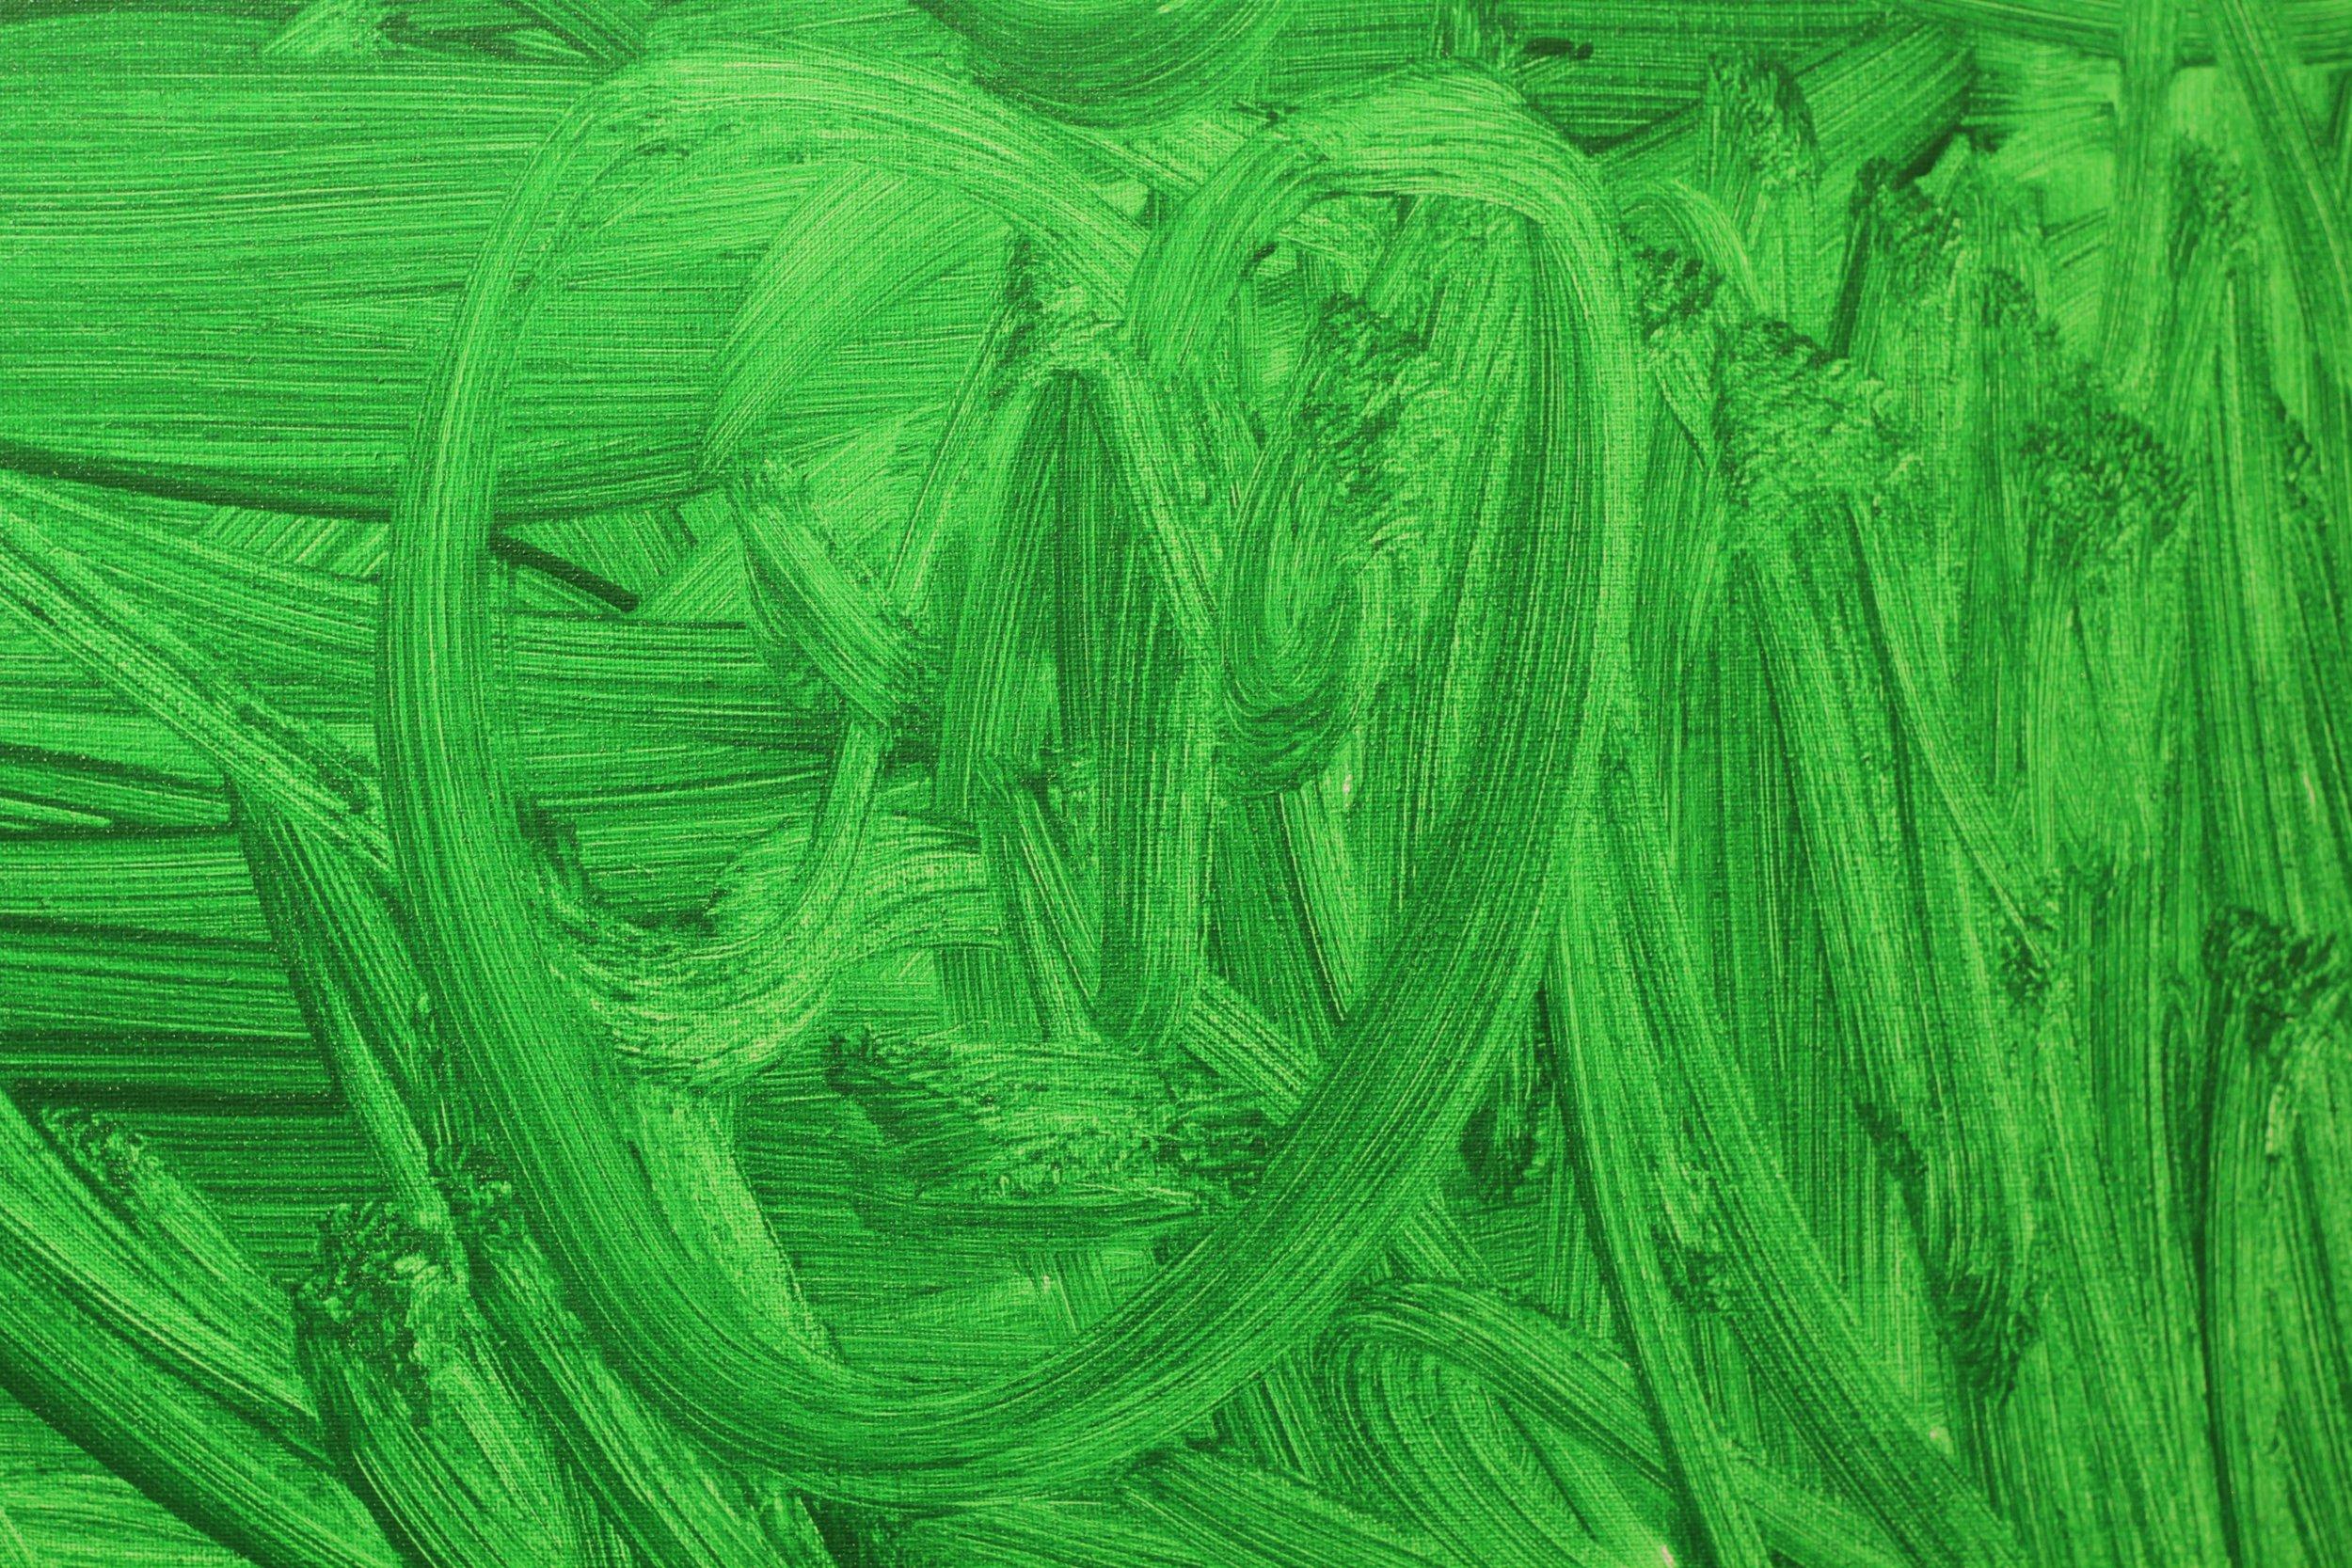 Green_Screen_Dreams_Keaton_Fox_3.jpg